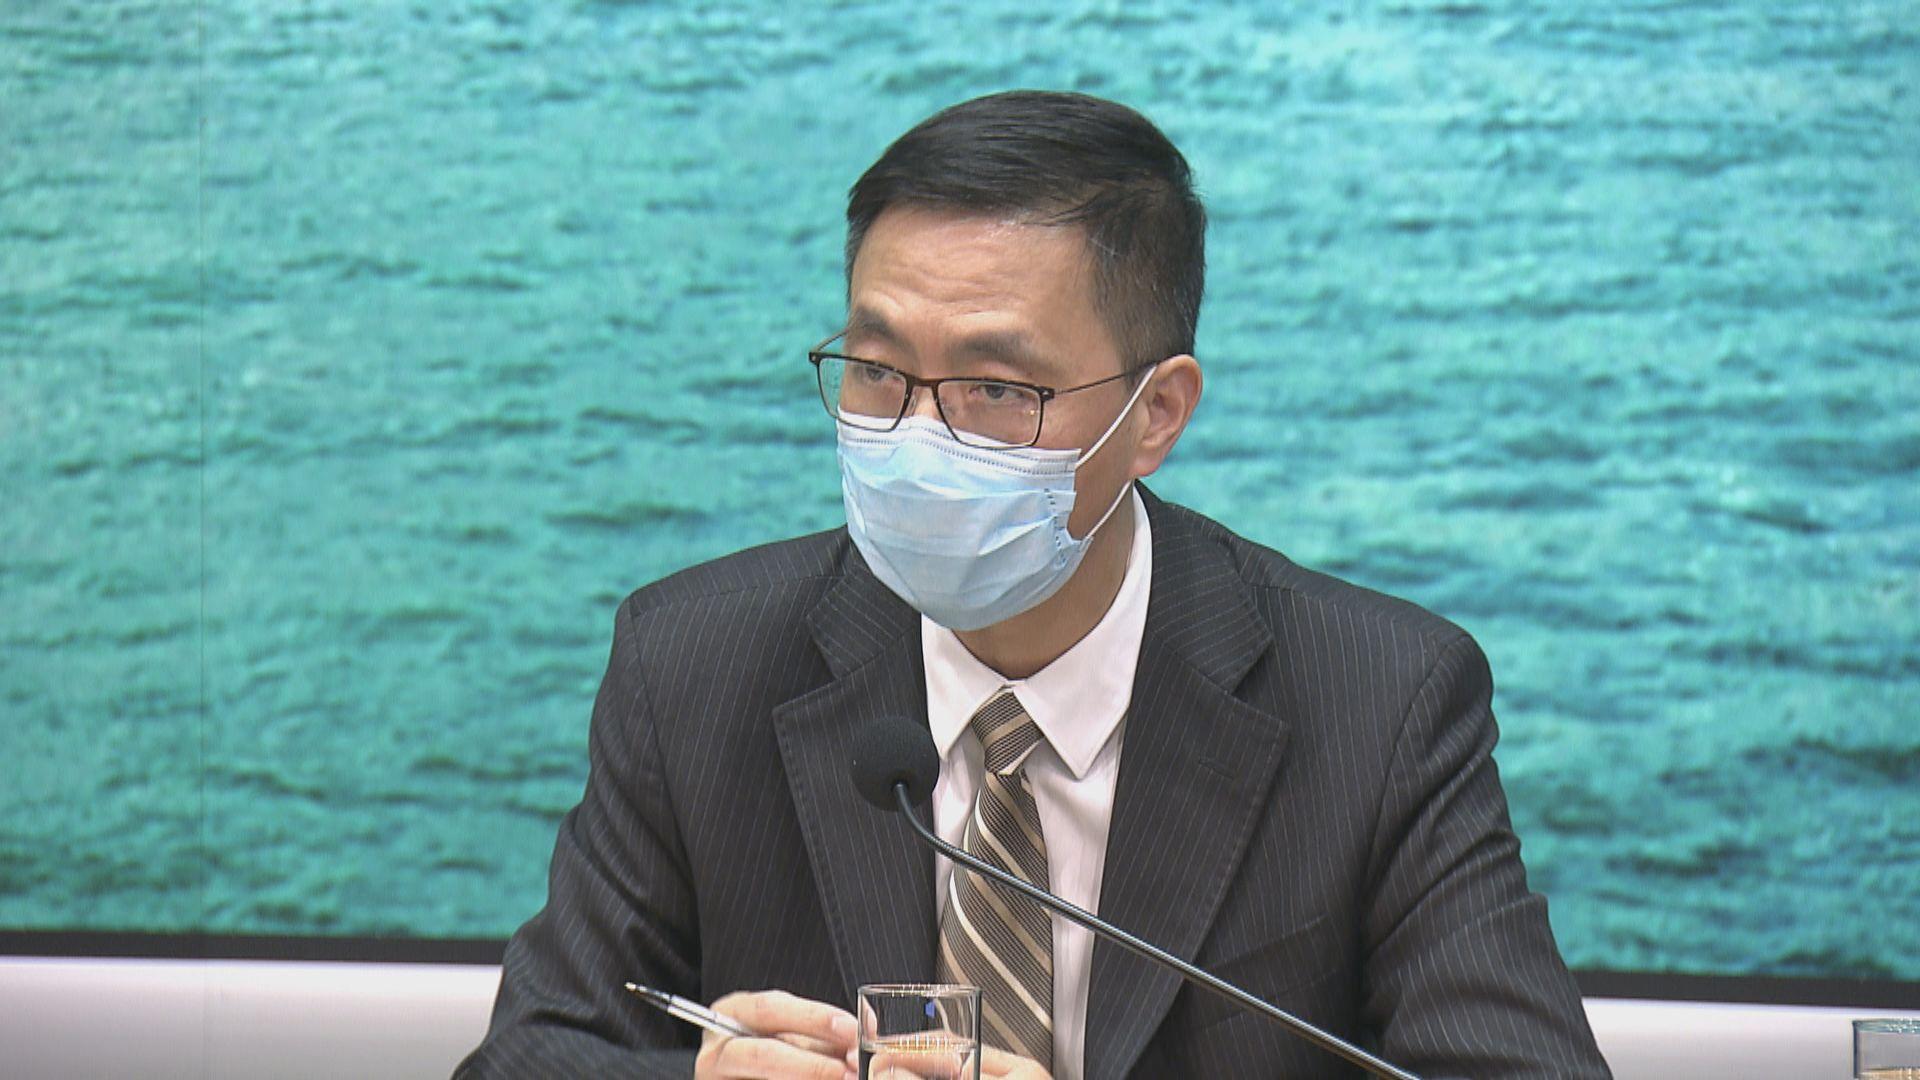 楊潤雄:復課仍要視乎疫情發展 目前未有決定